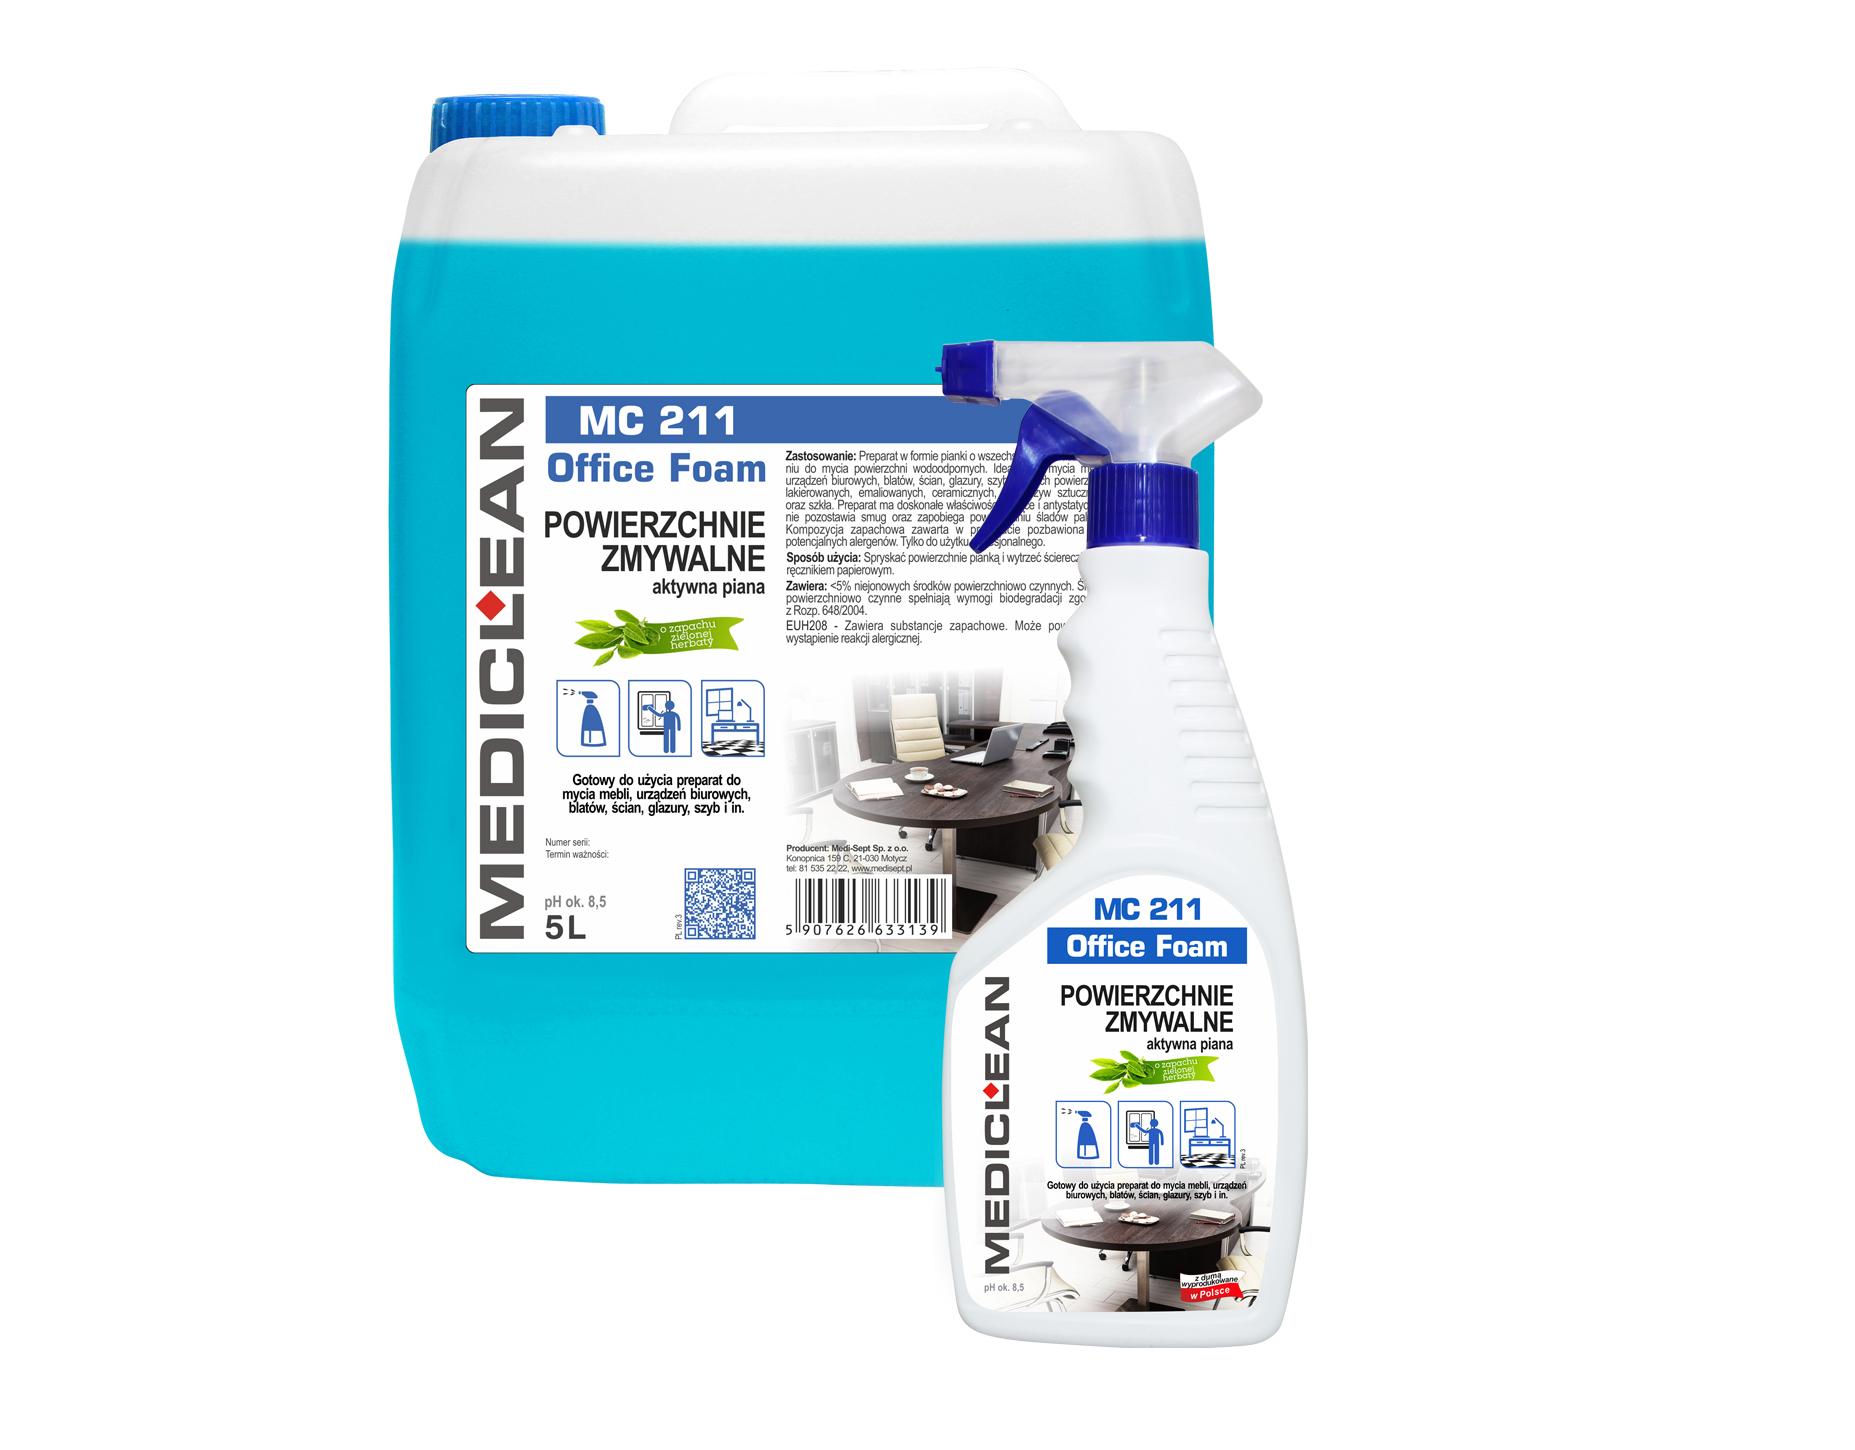 Mediclean MC 211 Office Foam